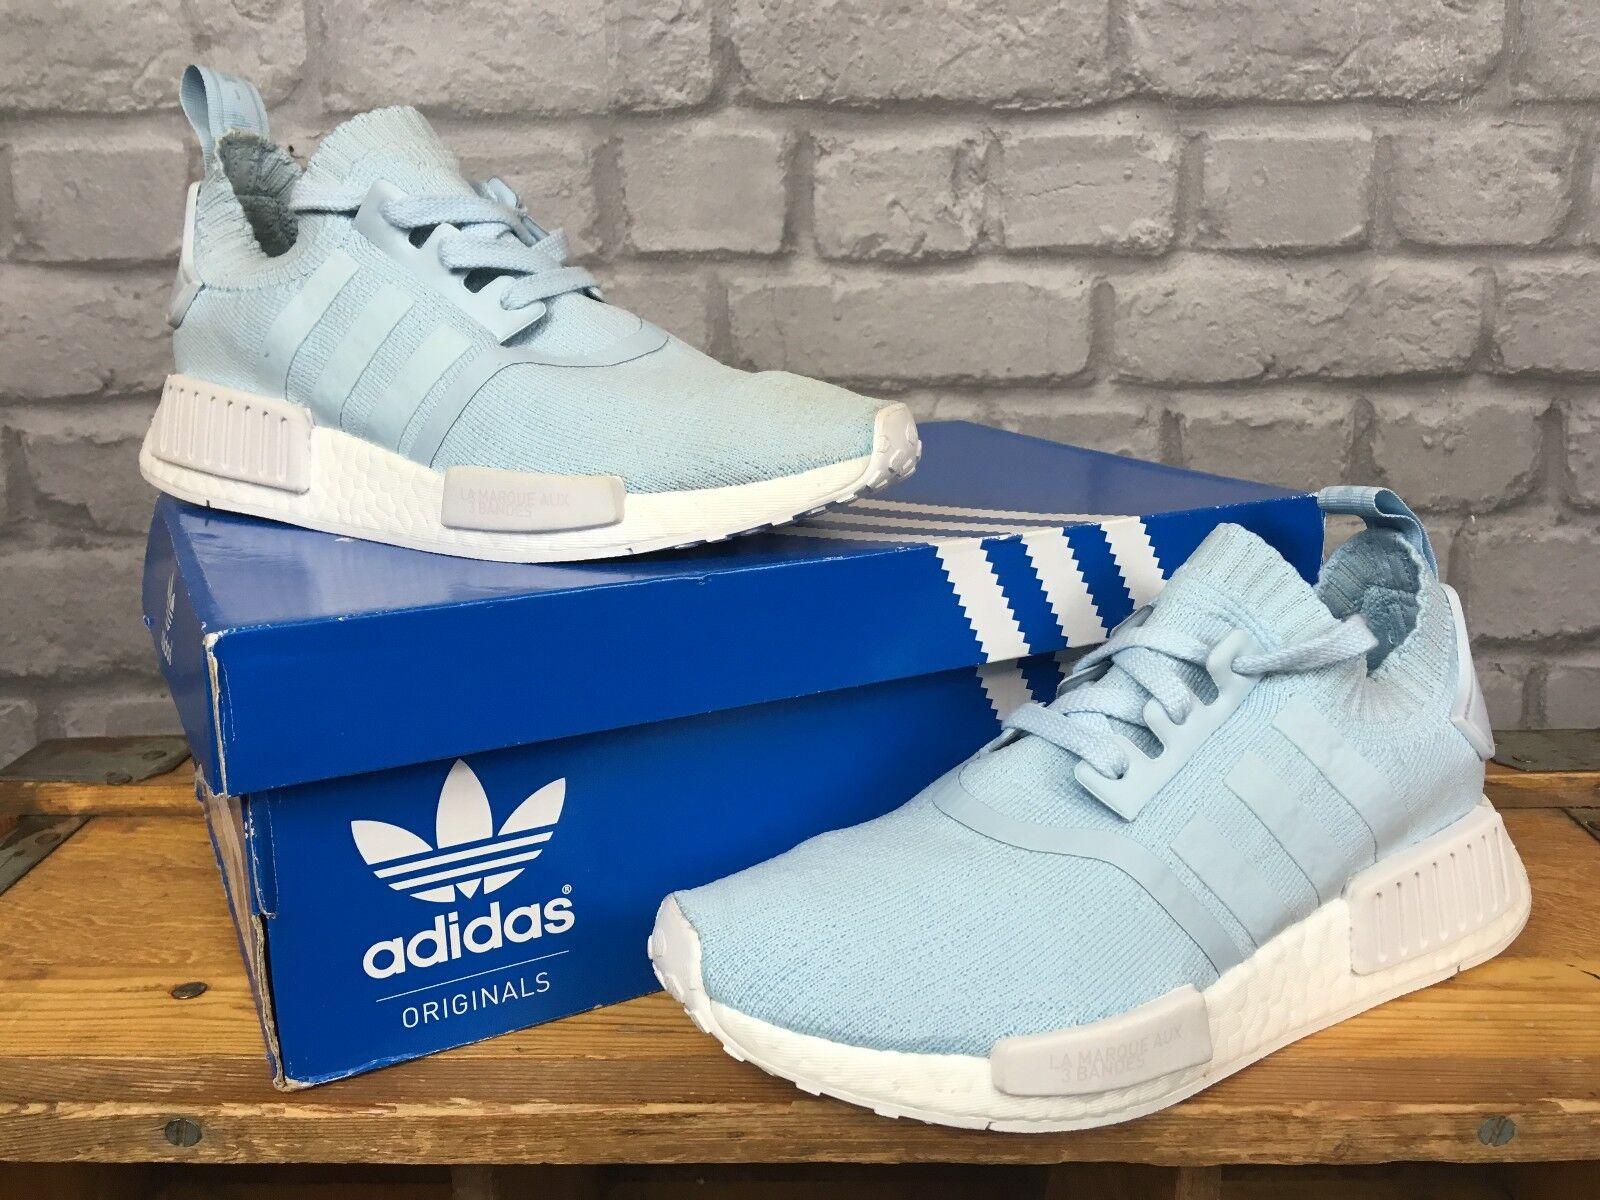 Adidas Adidas Adidas Damas UK 5 UE 38 Azul Hielo NMD Boost R1 Primeknit entrenadores  estar en gran demanda